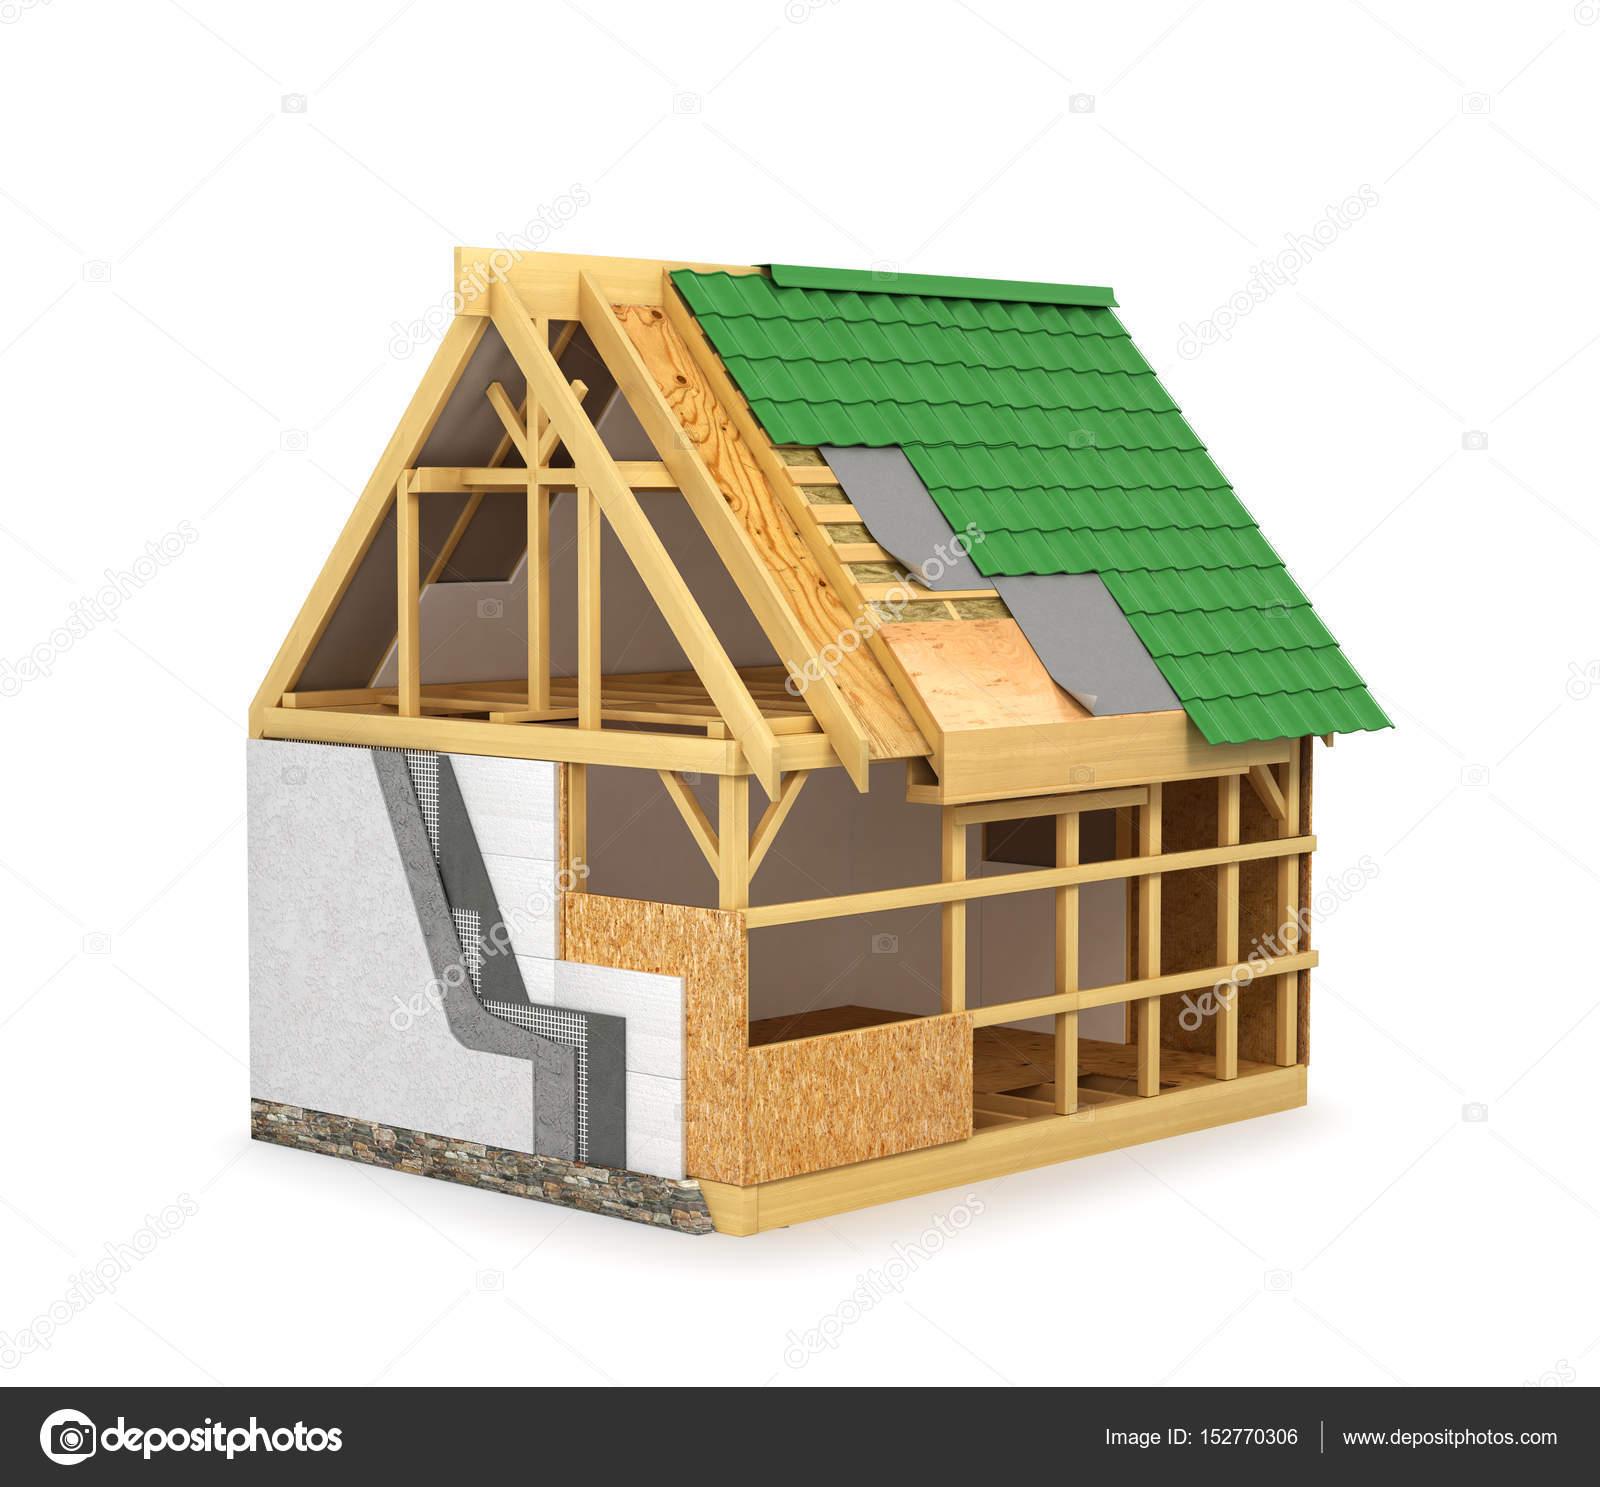 rahmenkonstruktion nach hause. dämmung von wänden und dach isoliert